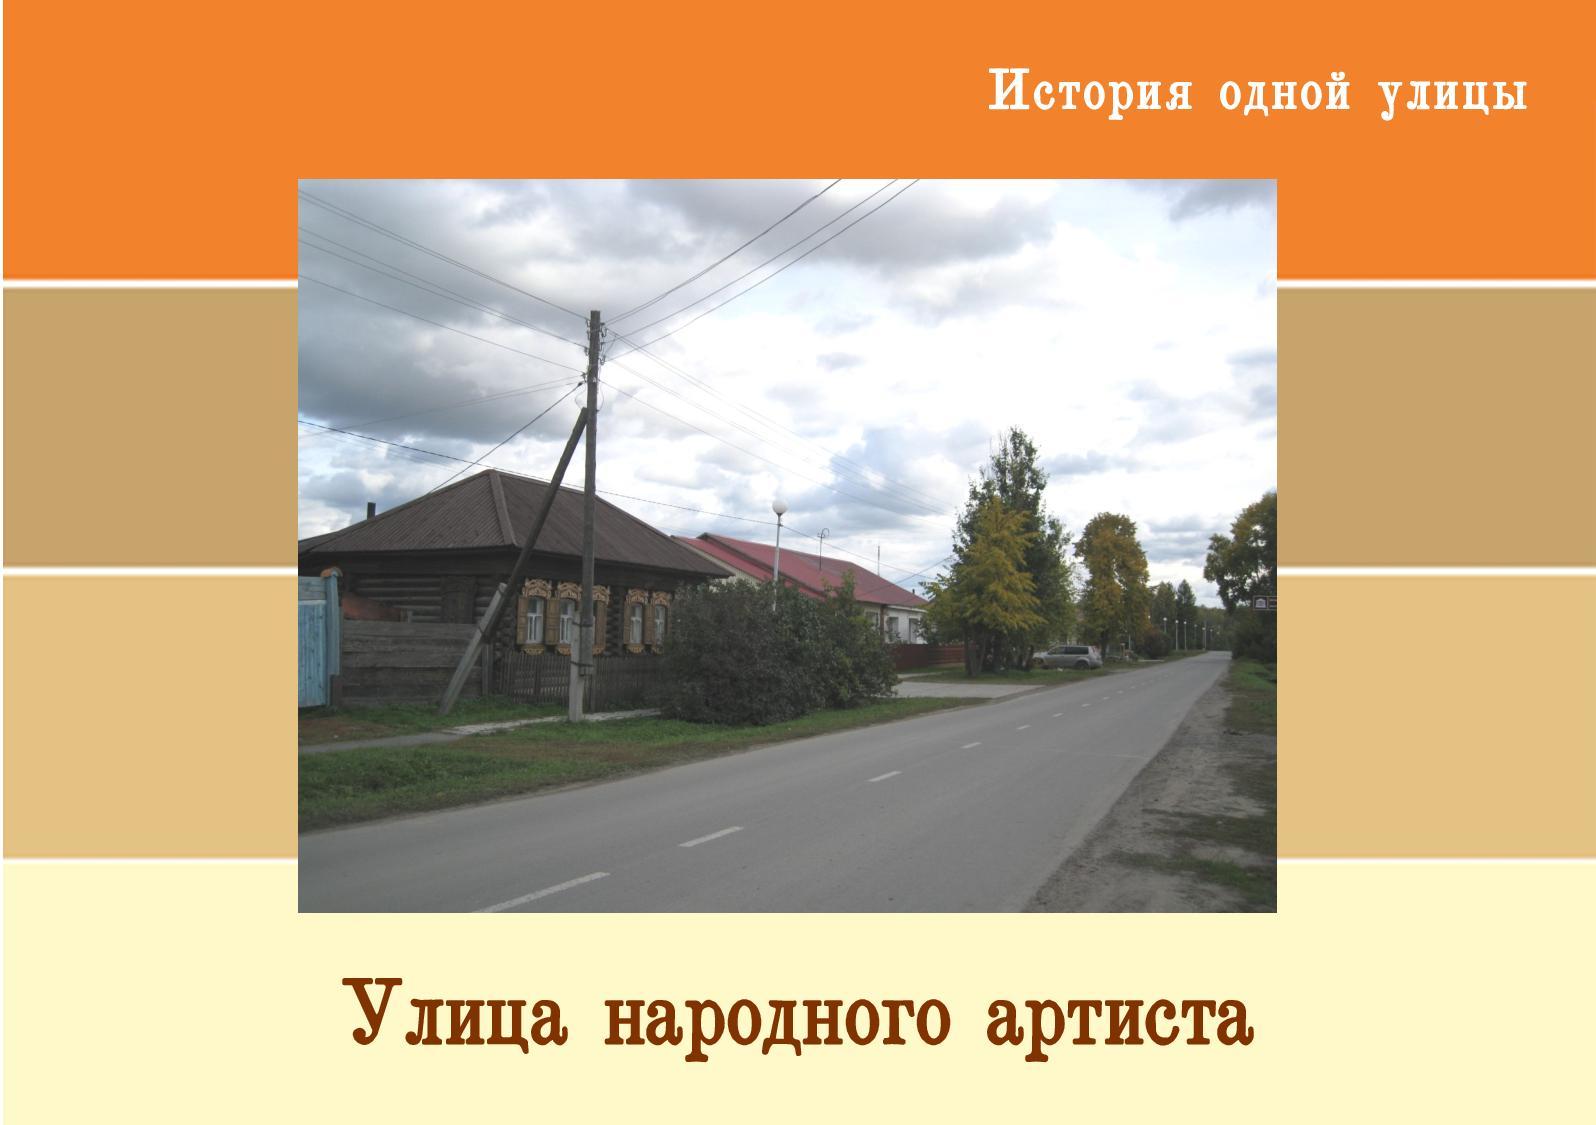 Улица народного артиста